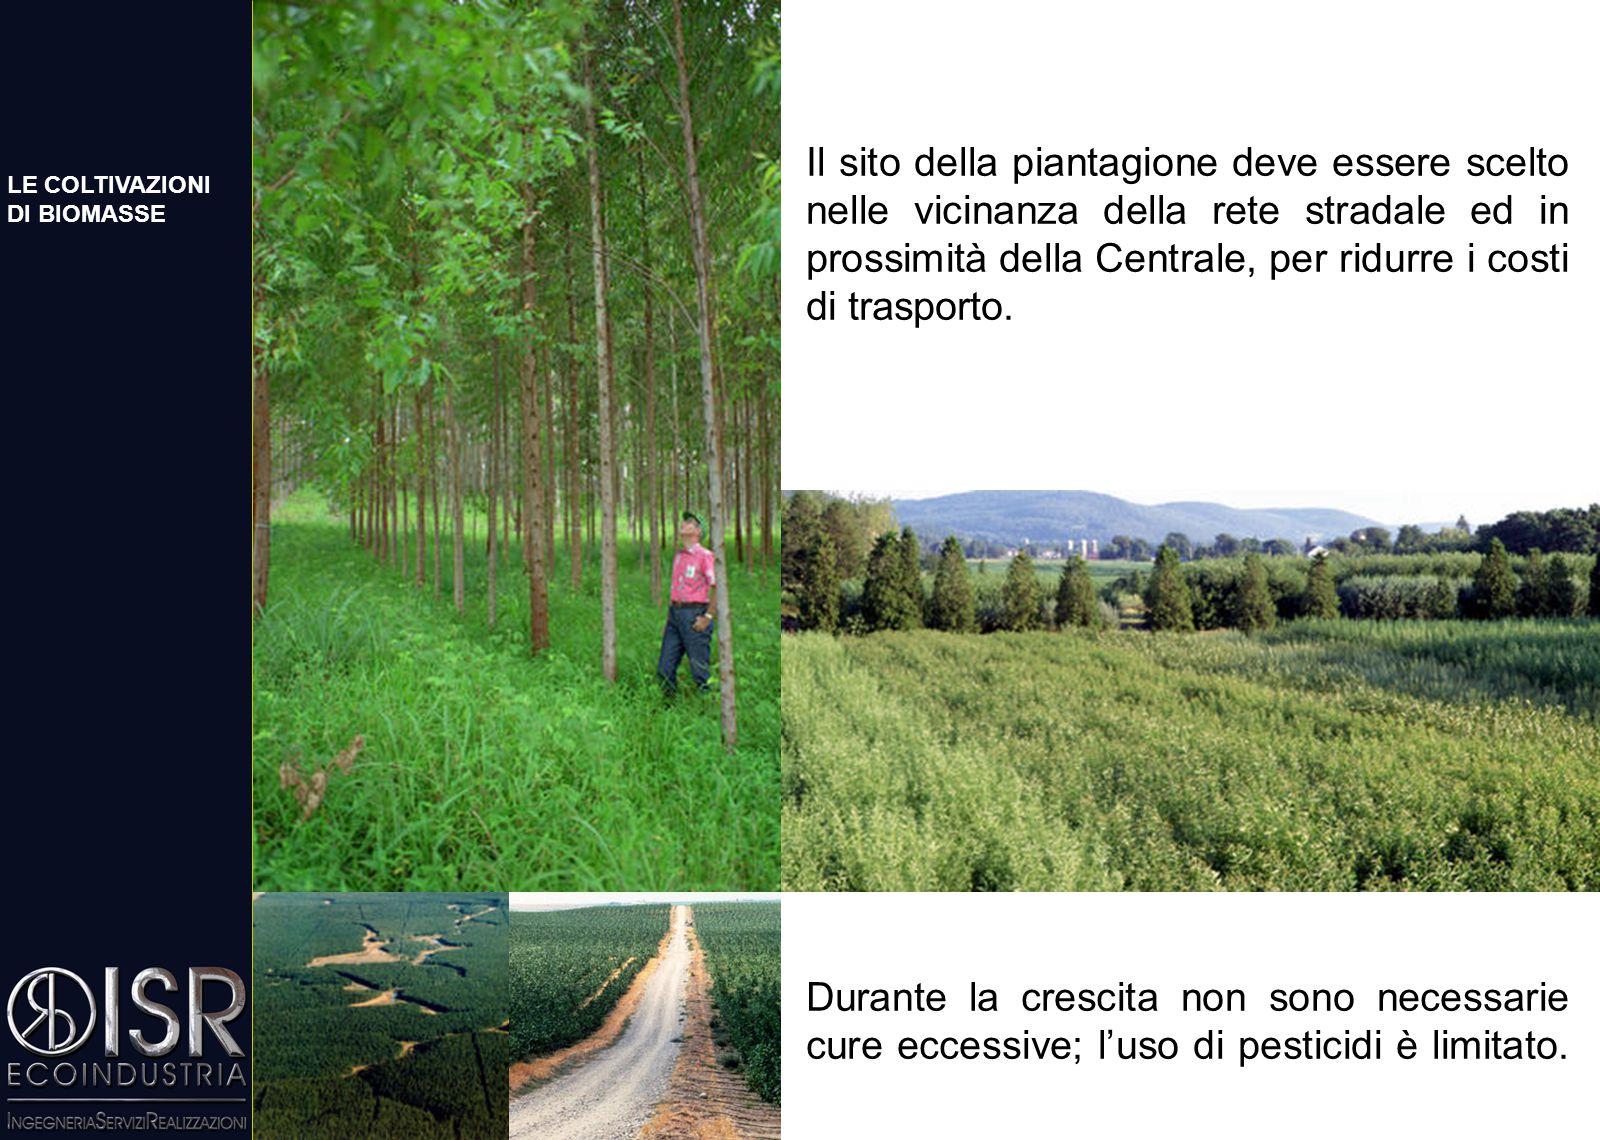 SHORT ROTATION FORESTRY: IL PAESAGGIO Boschi di pioppeti, salici, eucalipti (specie arboree) e miscanto, ginestra, canna comune (specie erbacee), a seconda dei luoghi di produzione e delle condizioni climatiche, costituiscono il paesaggio prodotto dalle coltivazioni di biomasse.